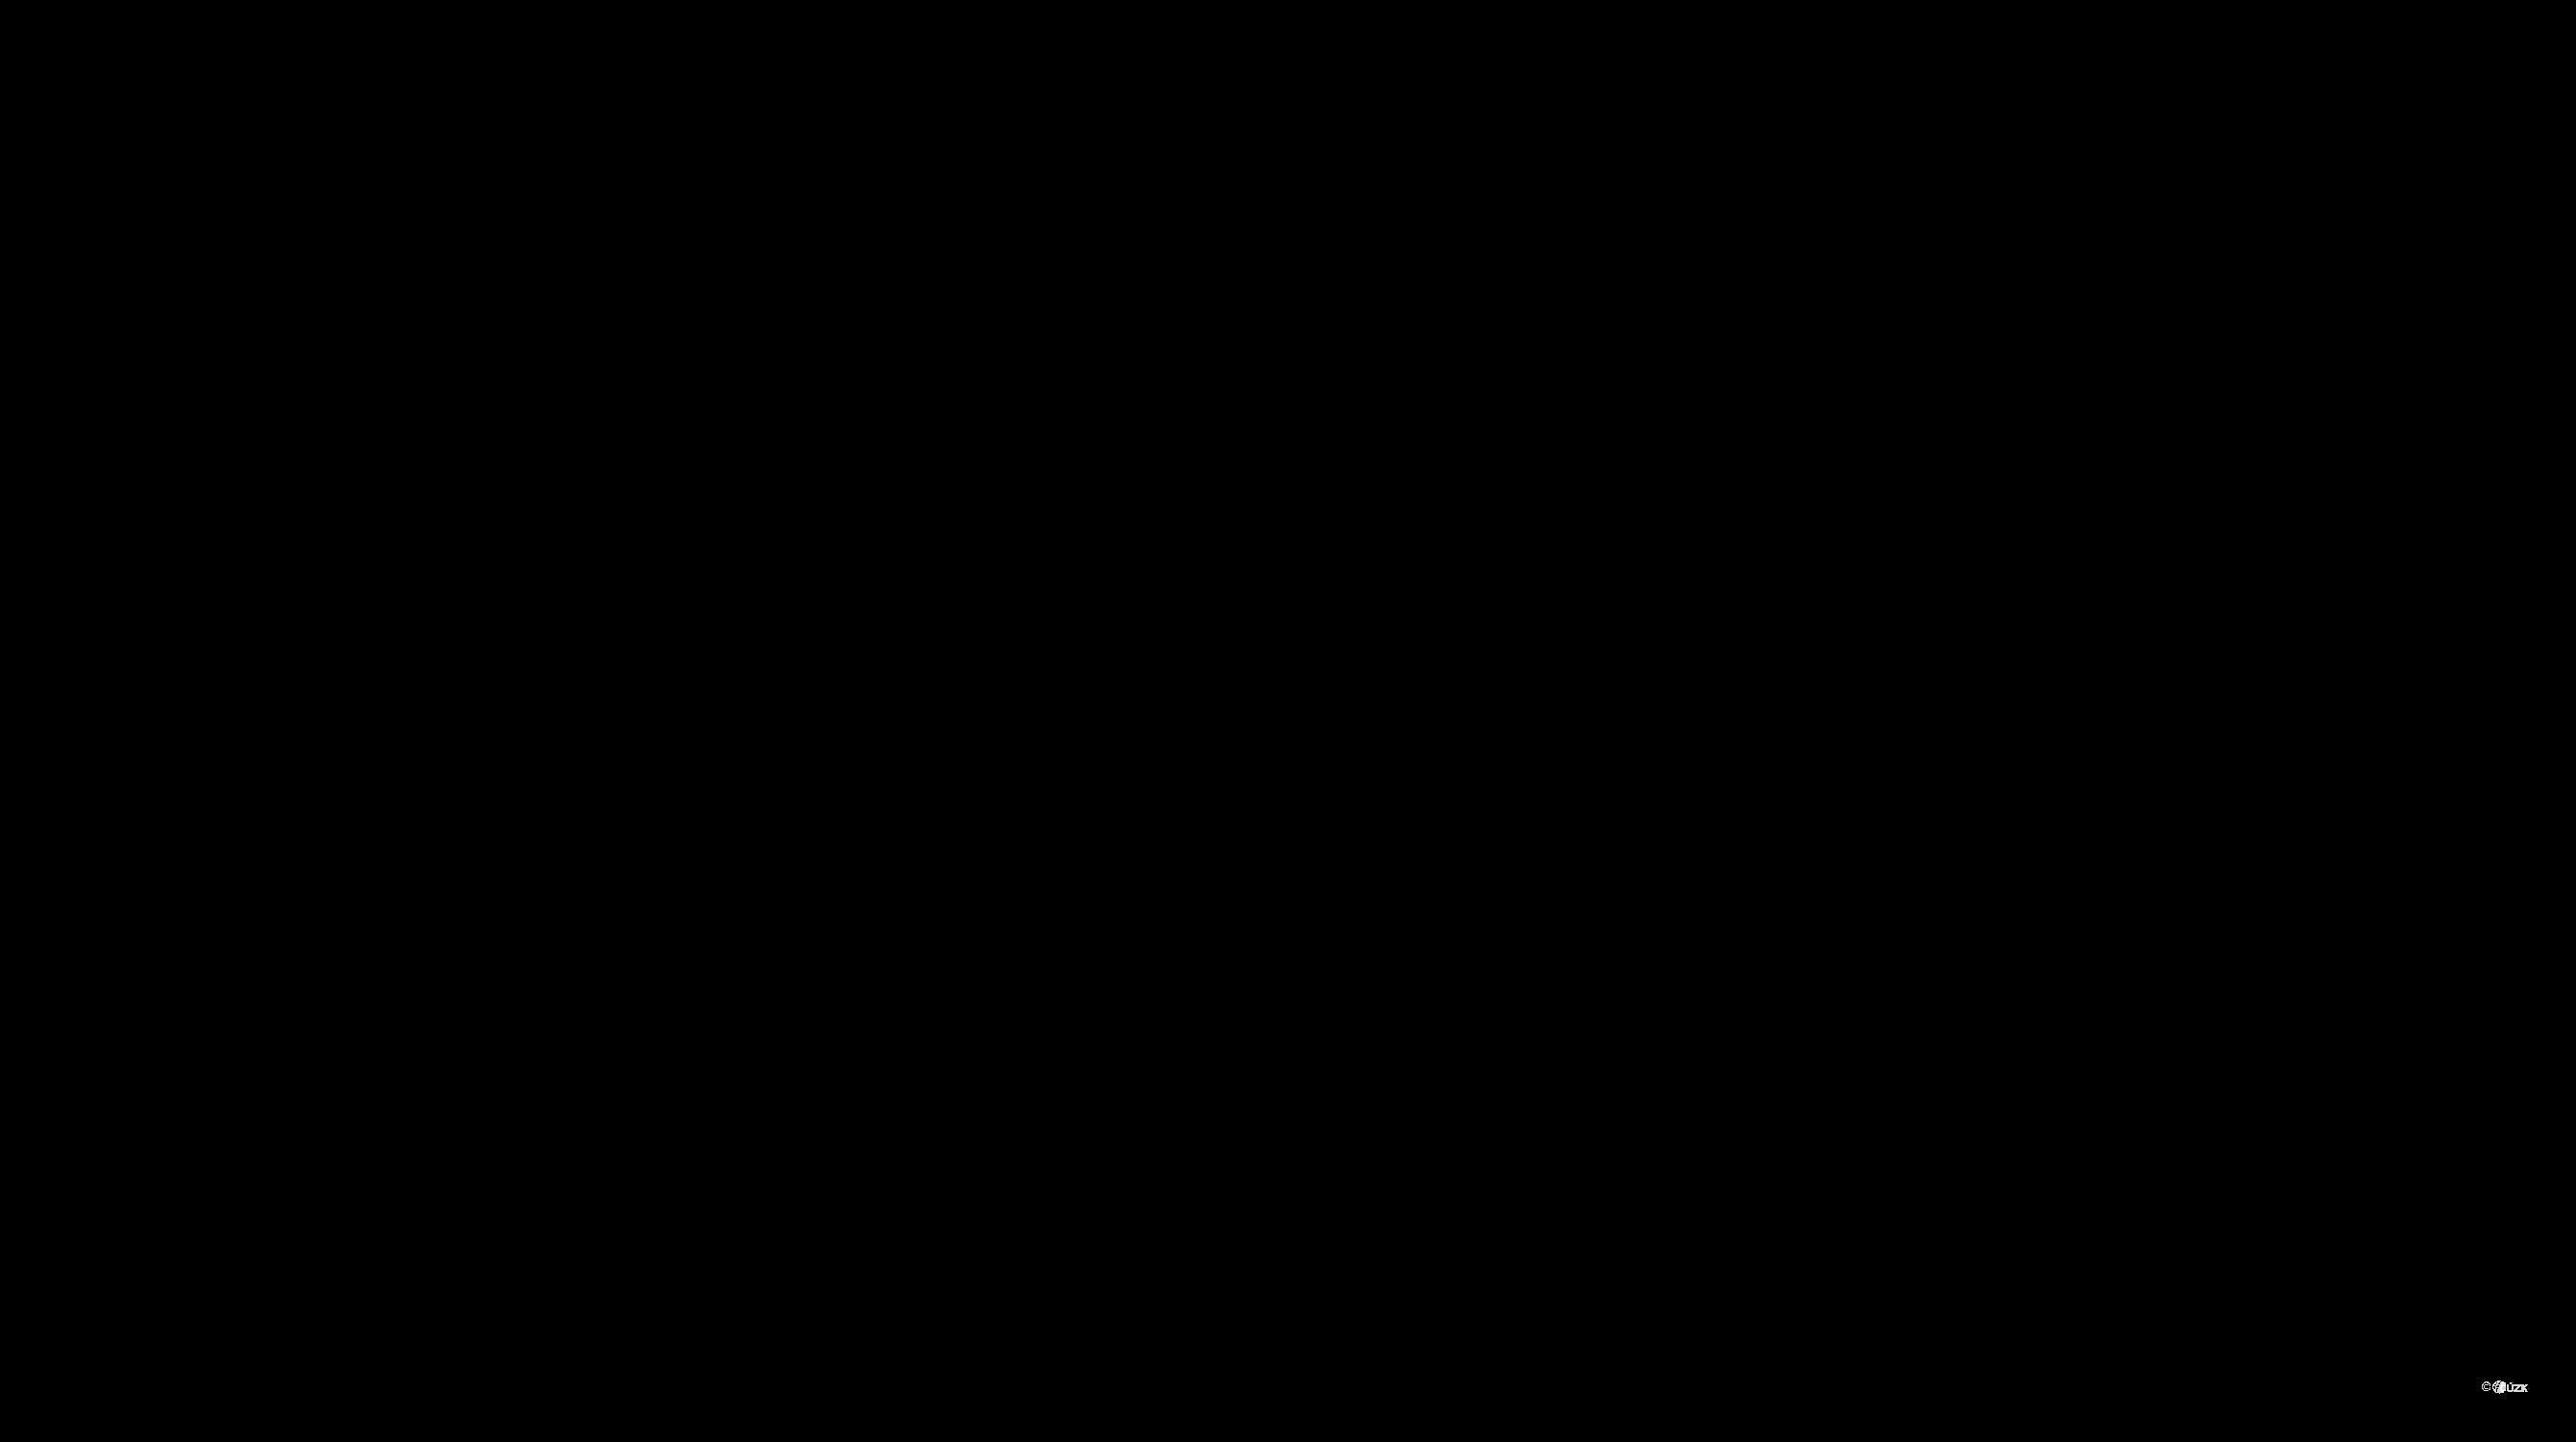 Katastrální mapa pozemků a čísla parcel Jestřebice